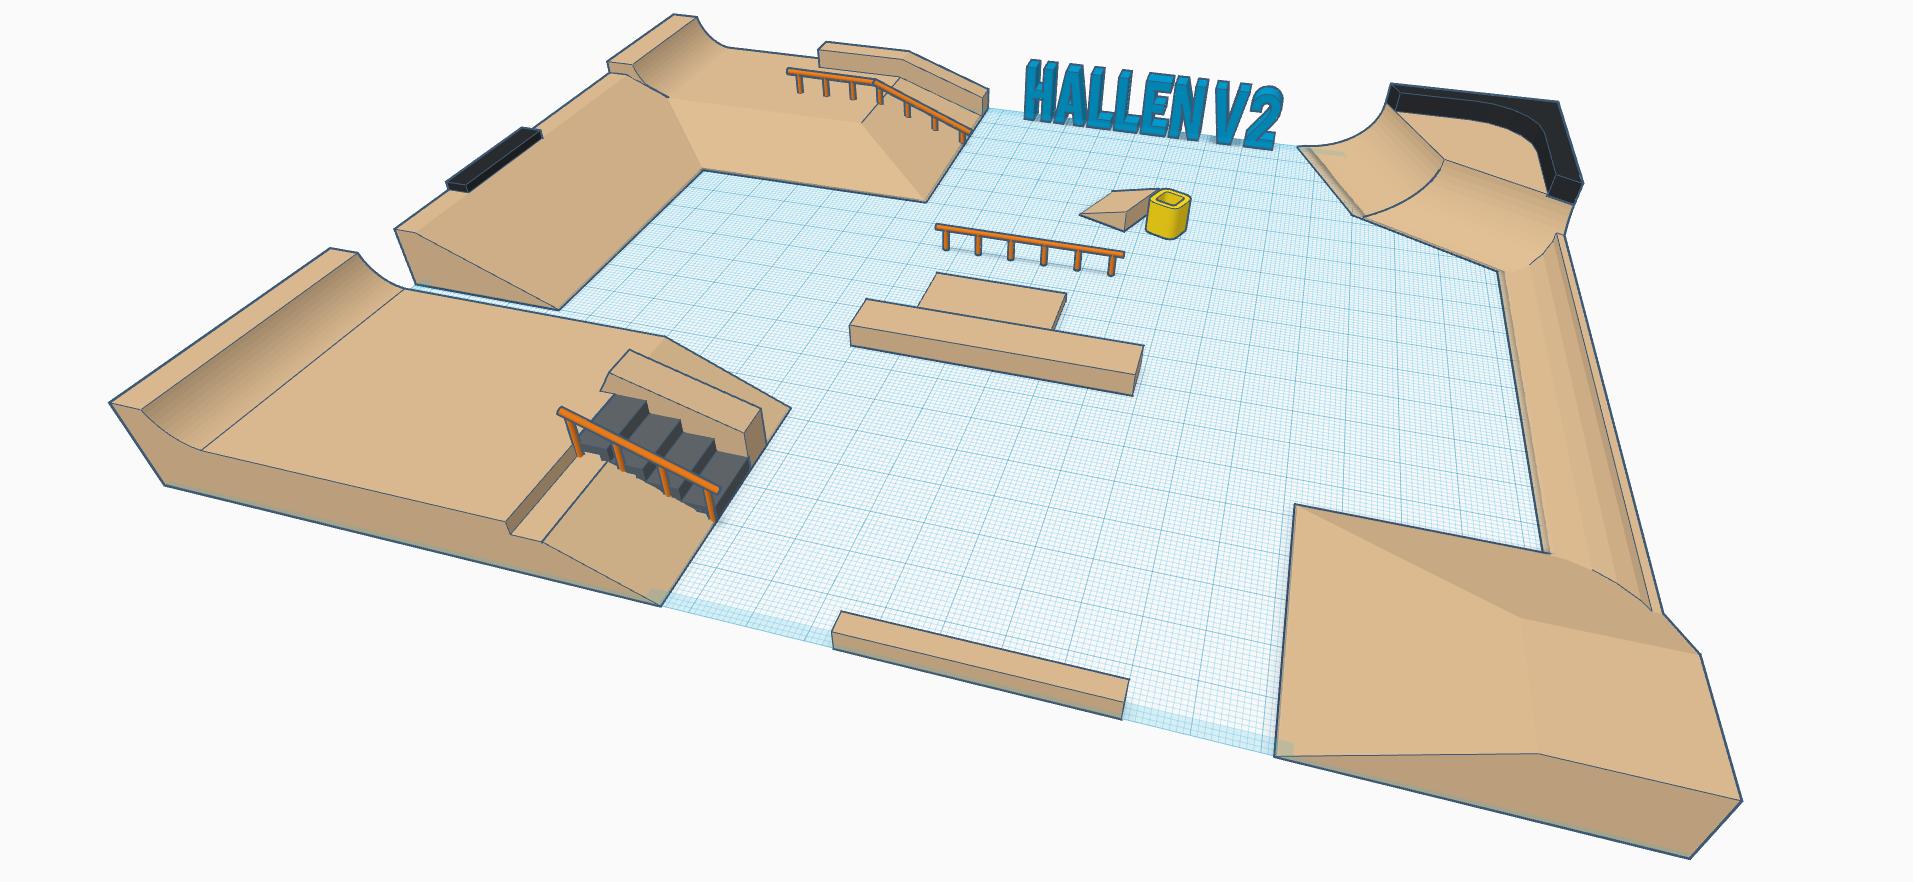 Skatehallen by Matty (1).png Télécharger fichier STL gratuit Hallen v2 • Objet pour impression 3D, mathiassag